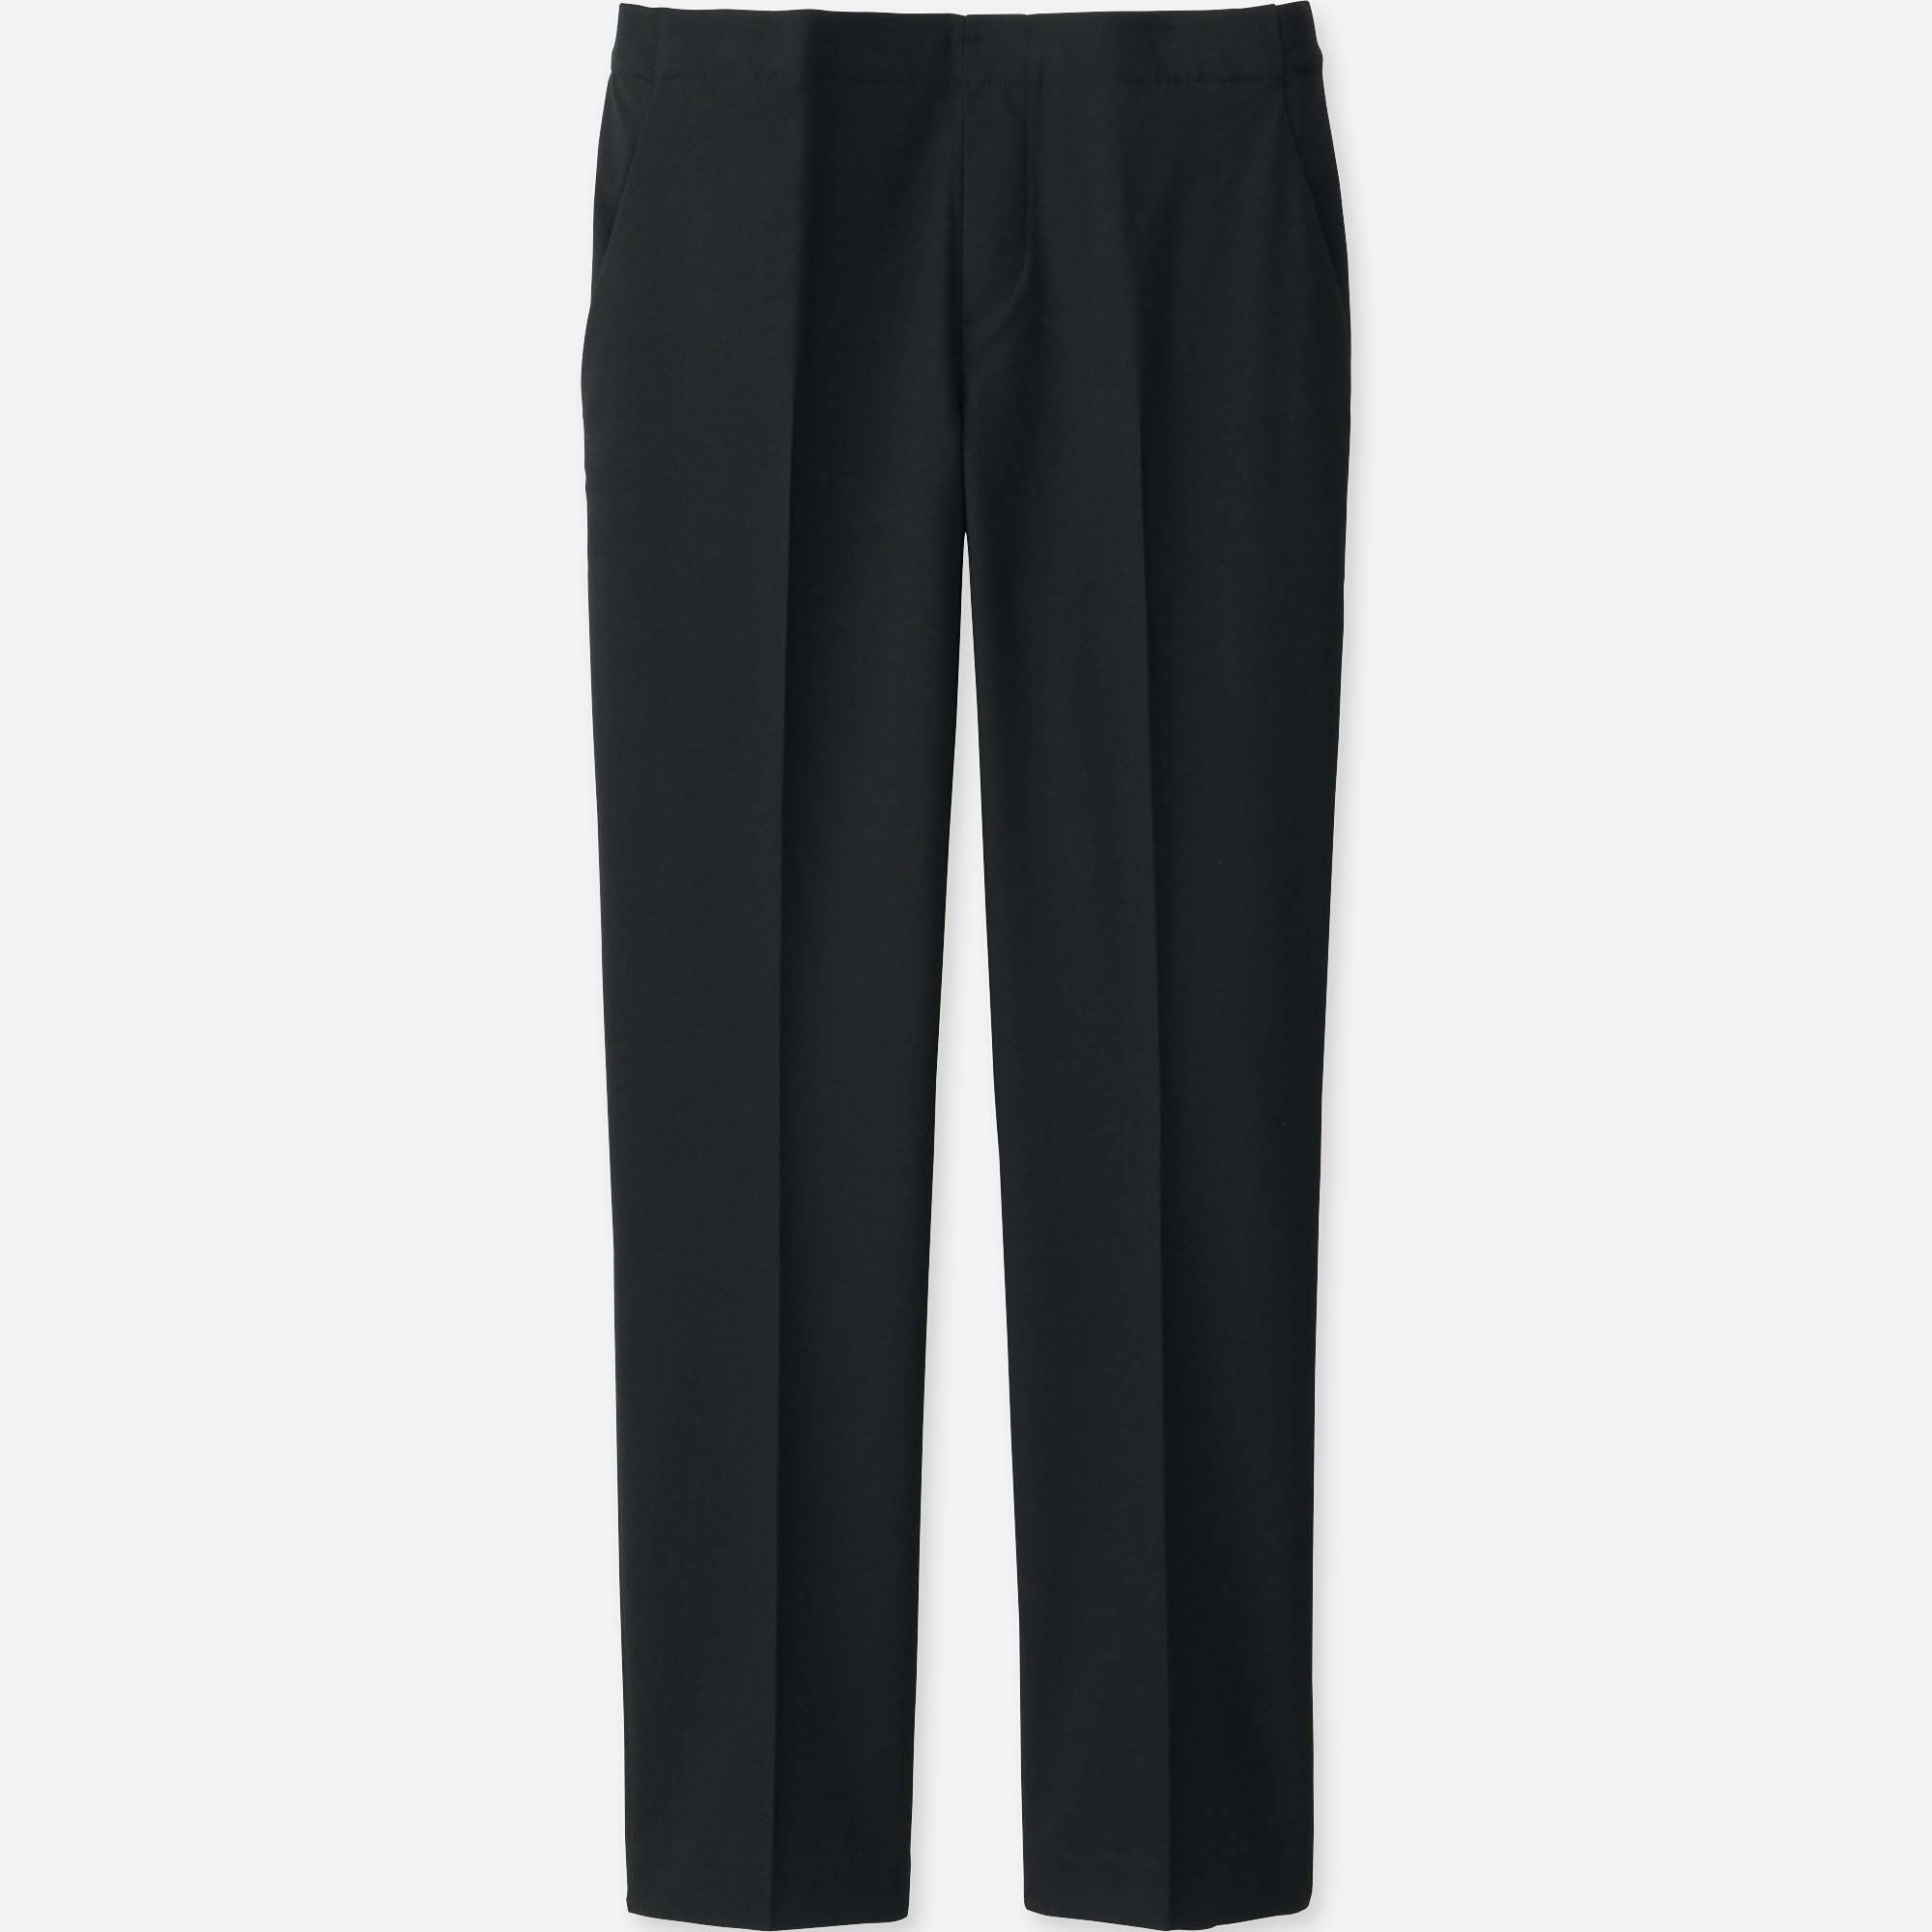 Women's Ankle Length Pants | UNIQLO US